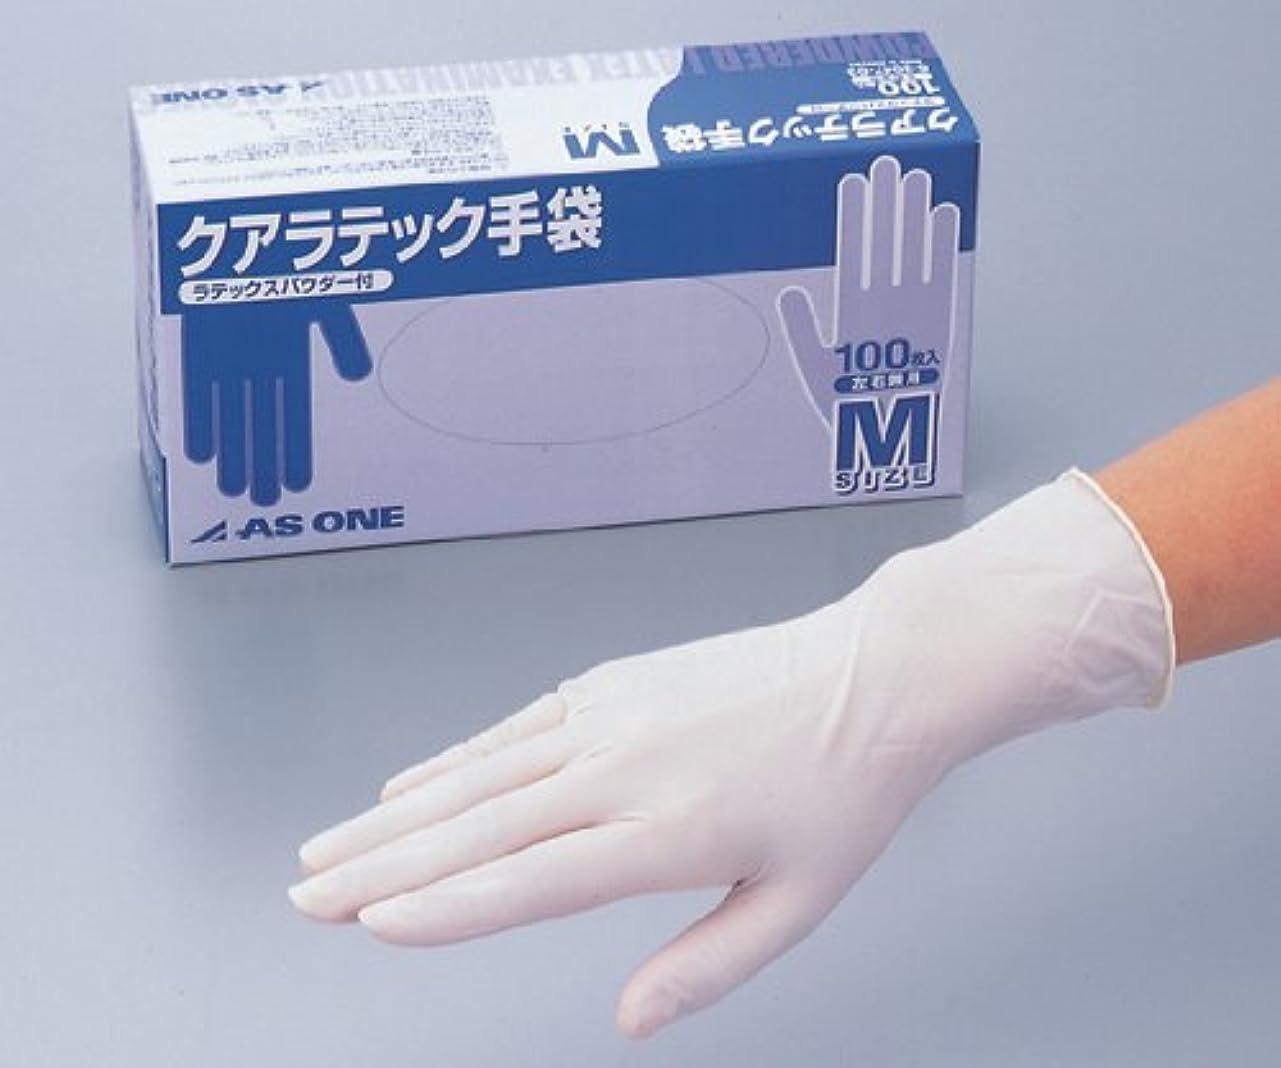 工業化する傷跡エジプトアズワン6-3047-02クアラテック手袋(DXパウダー付き)M100枚入